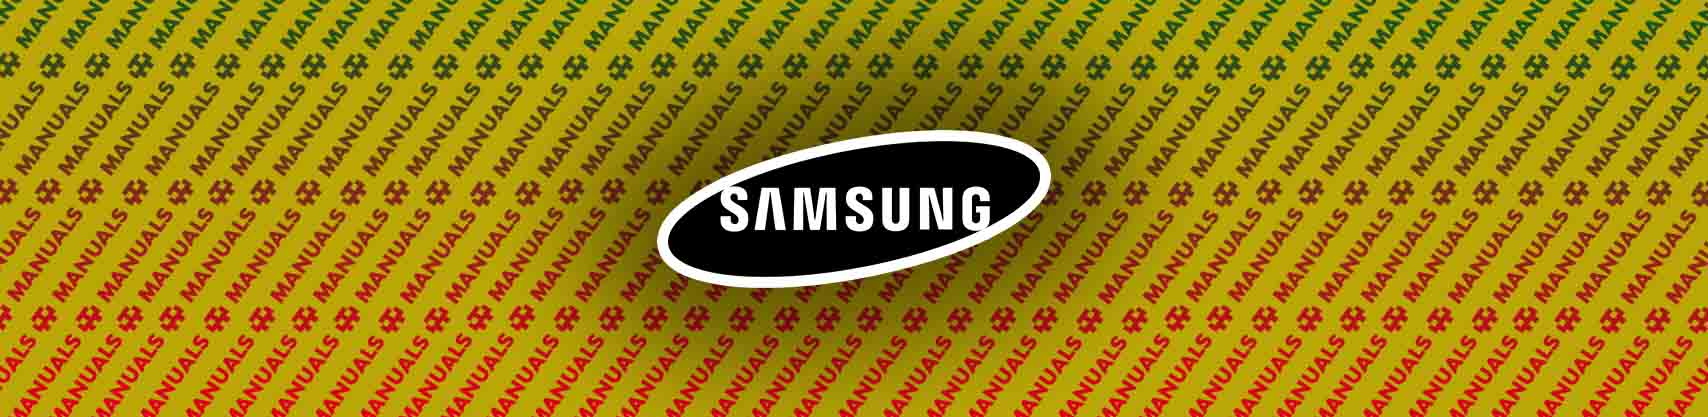 Samsung MU6290 Manual